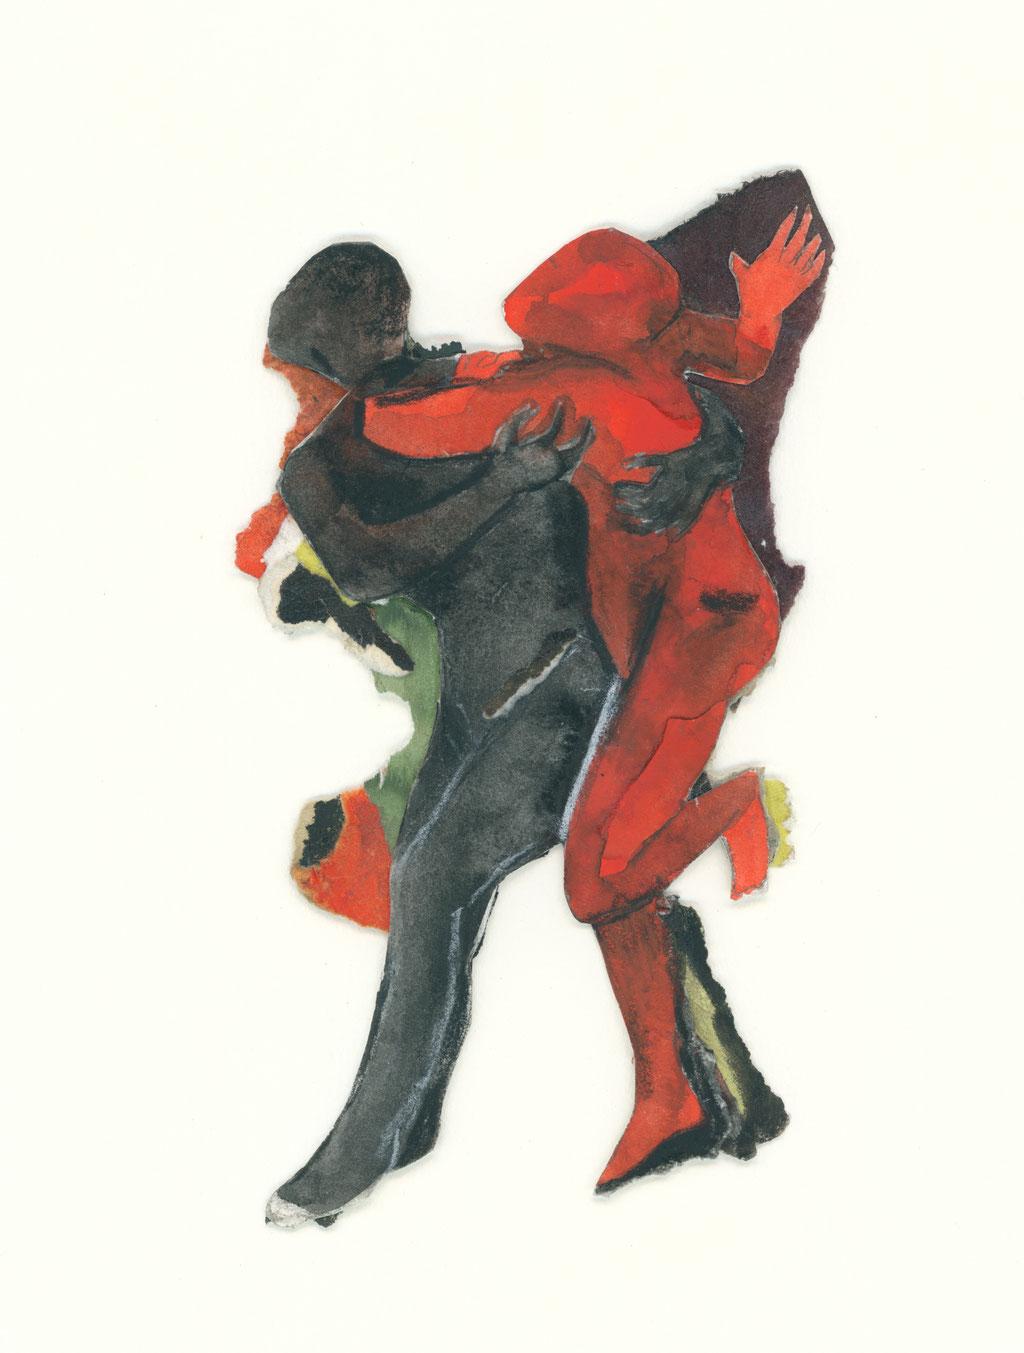 Mes ancêtres pourtant mortes muettes IV, 1991,  cm, techniques mixtes sur papier, Photo: Paul Litherland